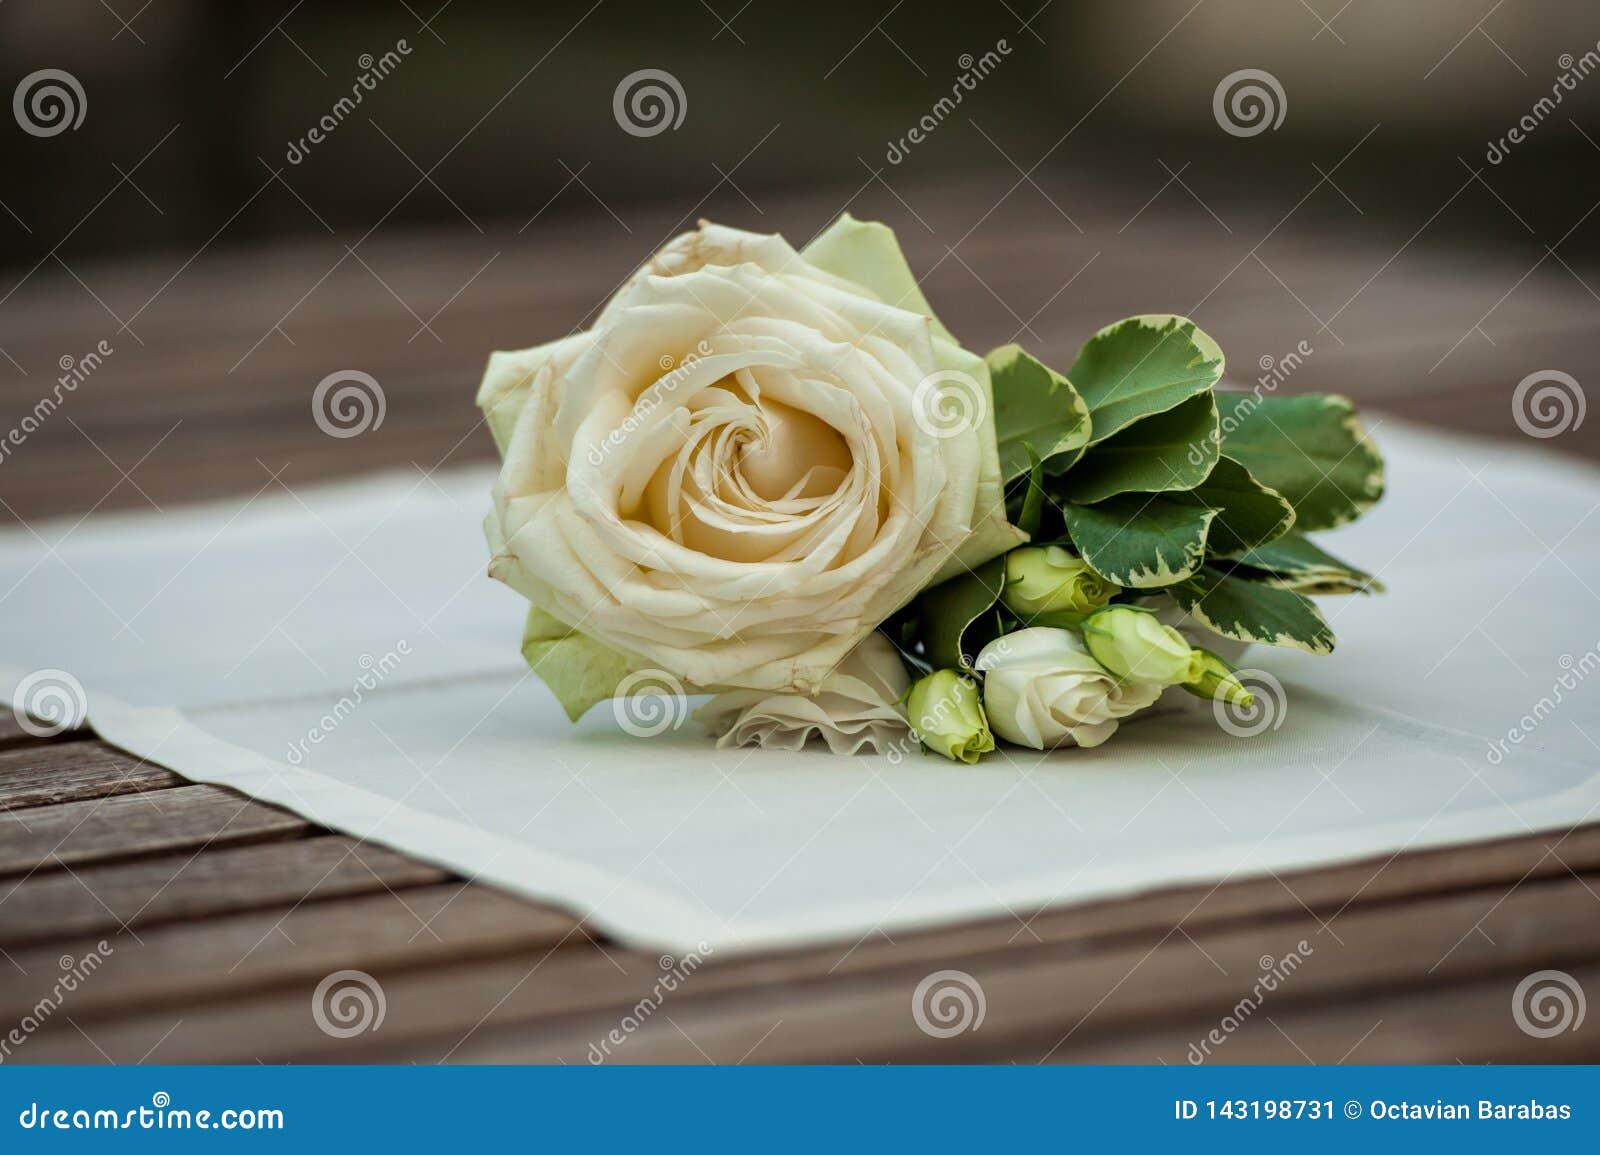 Wzrastał i zieleń liście na białej pielusze na drewno stole